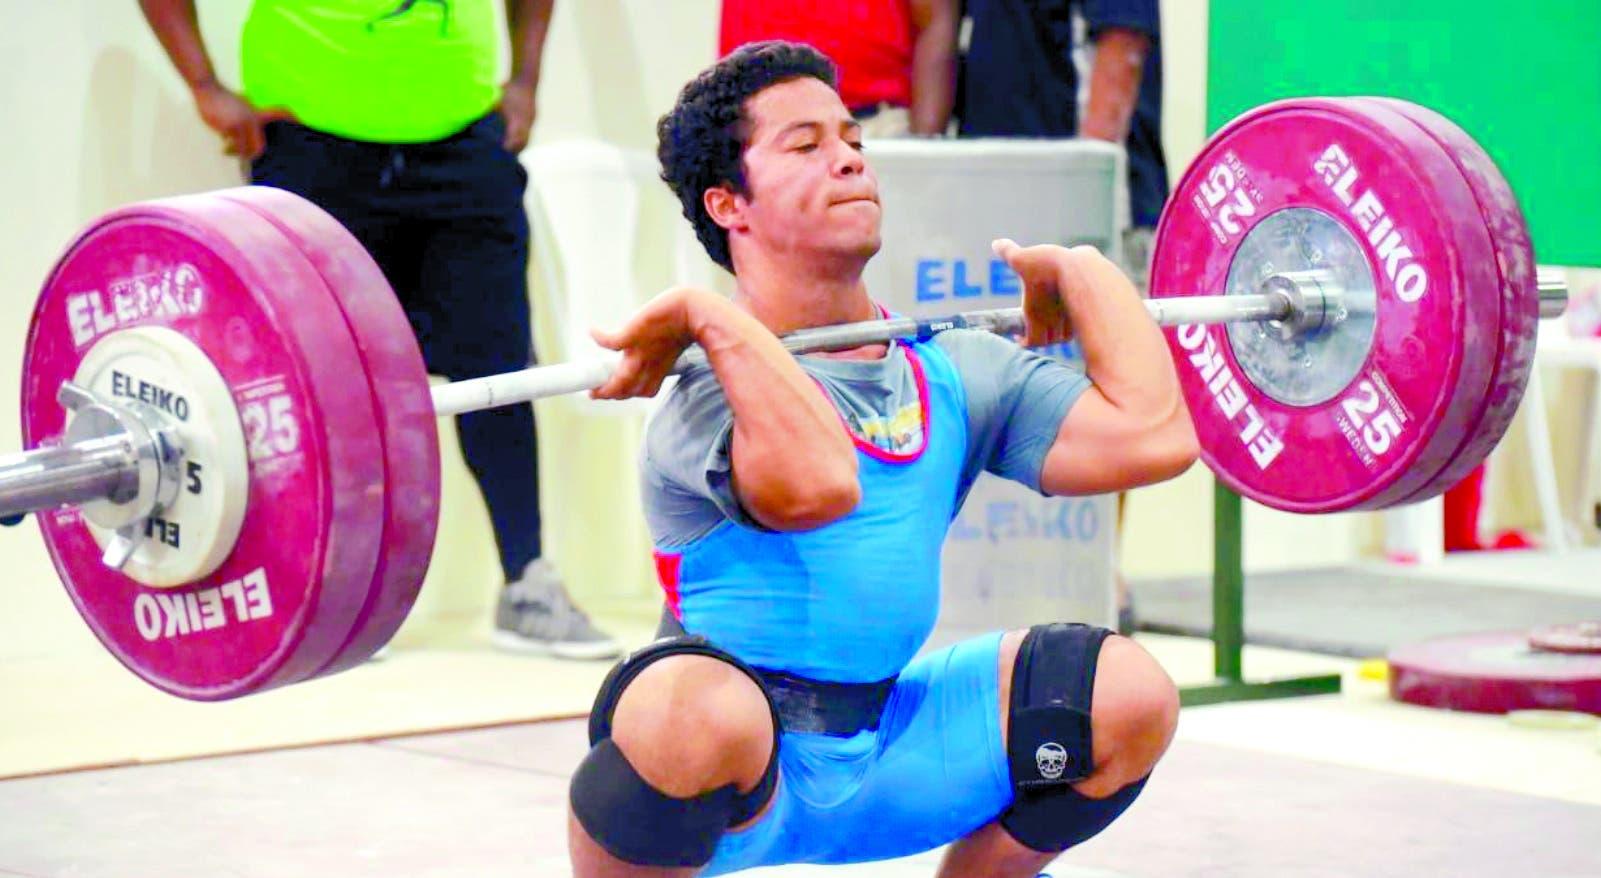 Luis García ejecuta un movimiento durante su actuación en los Juegos Nacionales de Salcedo.  Alberto Calvo.